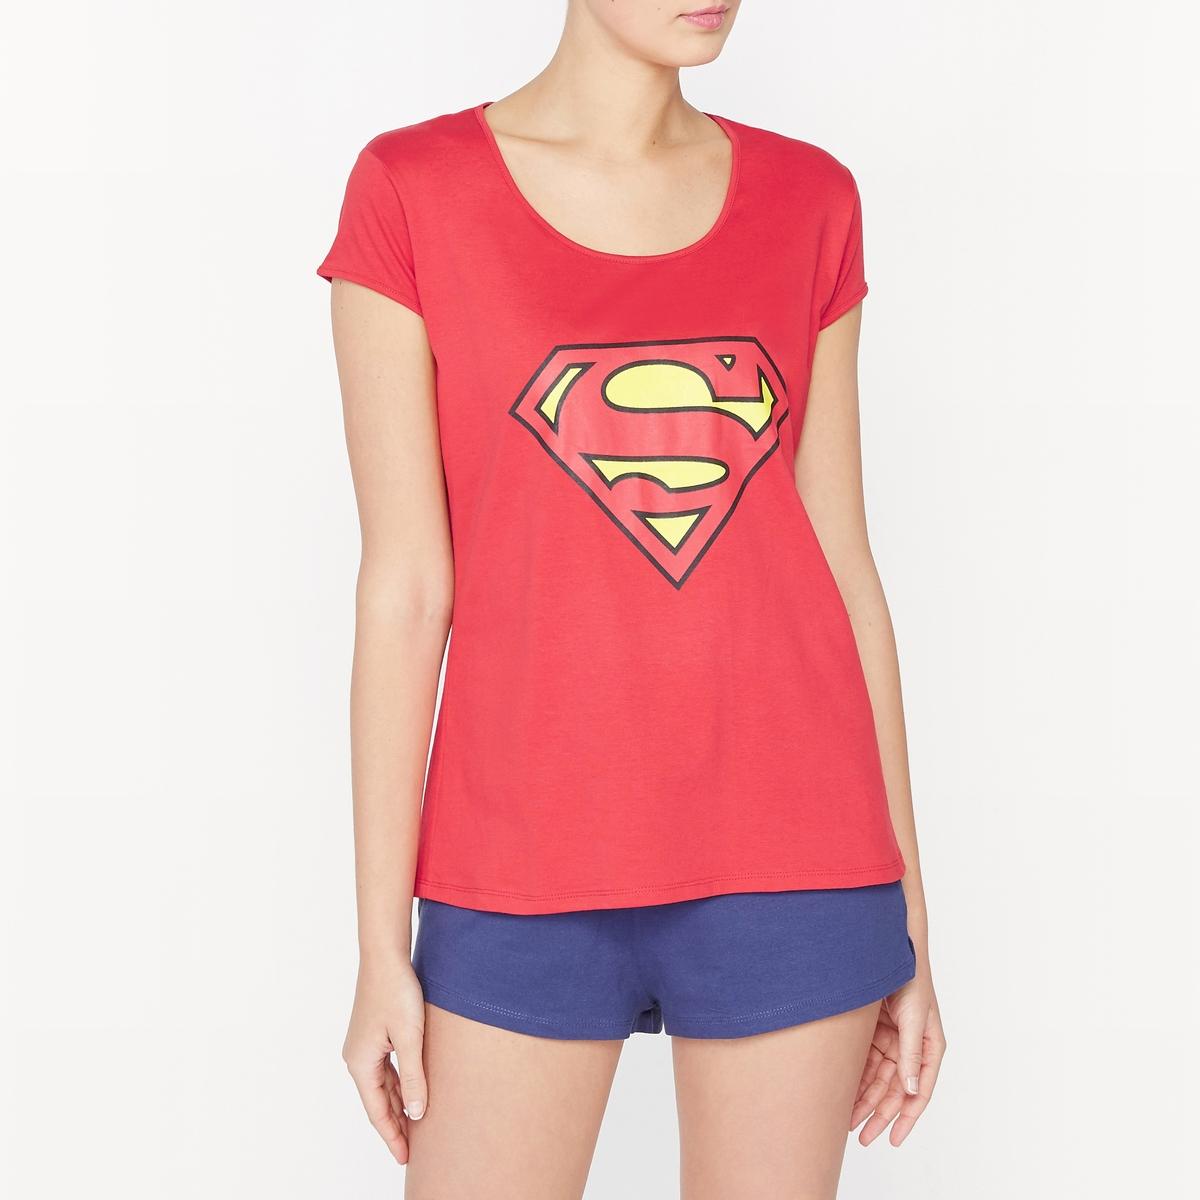 Пижама с шортами из хлопка SupermanПижама с шортами из хлопка Superman.Футболка с короткими рукавами. Закругленный вырез . Рисунок логотип Супермена спереди. Шорты с эластичным поясом. Небольшие шлицы внизу по бокам.  Состав и описаниеМатериал : 100% хлопокМарка : SupermanУходМашинная стирка при 30 °C Стирать с вещами схожих цветовСухая (химическая) чистка запрещенаОтбеливание запрещеноМашинная сушка в умеренном режимеГладить при средней температуреРисунок не гладить<br><br>Цвет: красный/ темно-синий